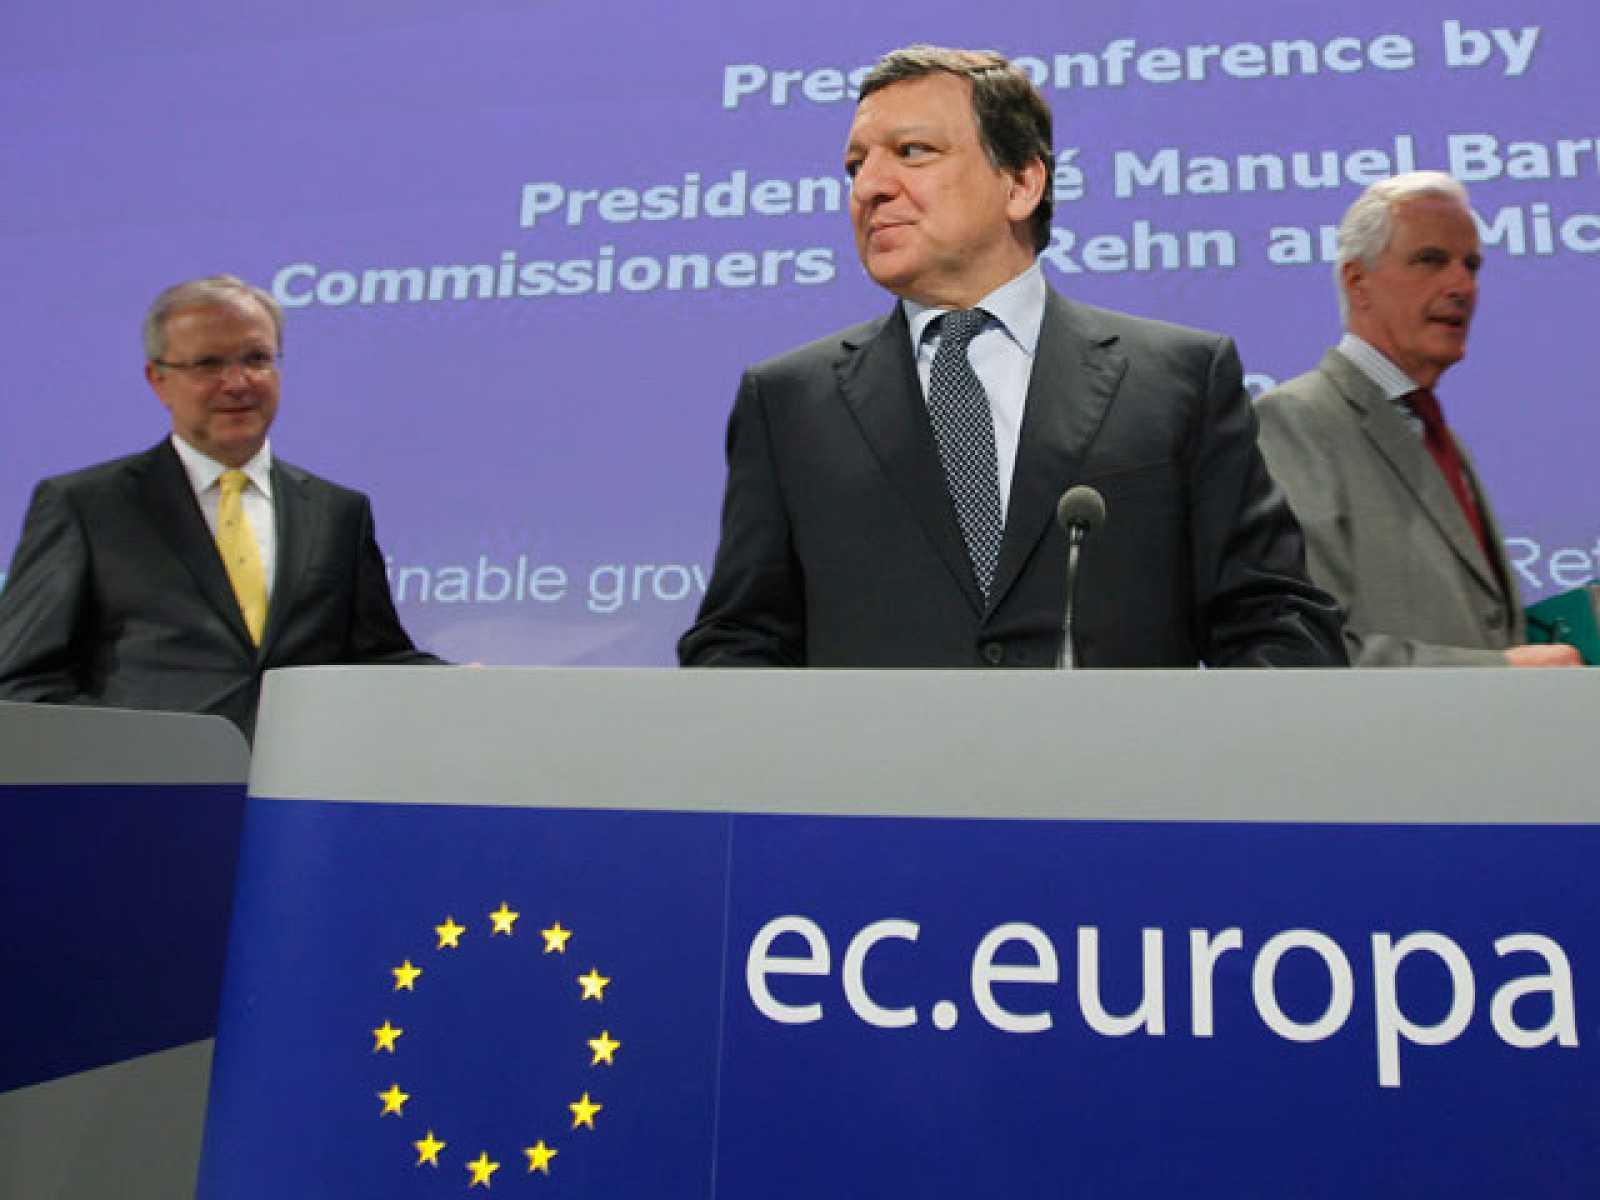 La Comisión Europea quiere controlar las Agencias de Calificación. Para ello ha hecho una propuesta en la que obliga a estas entidades a hacer públicos sus criterios de evaluación.